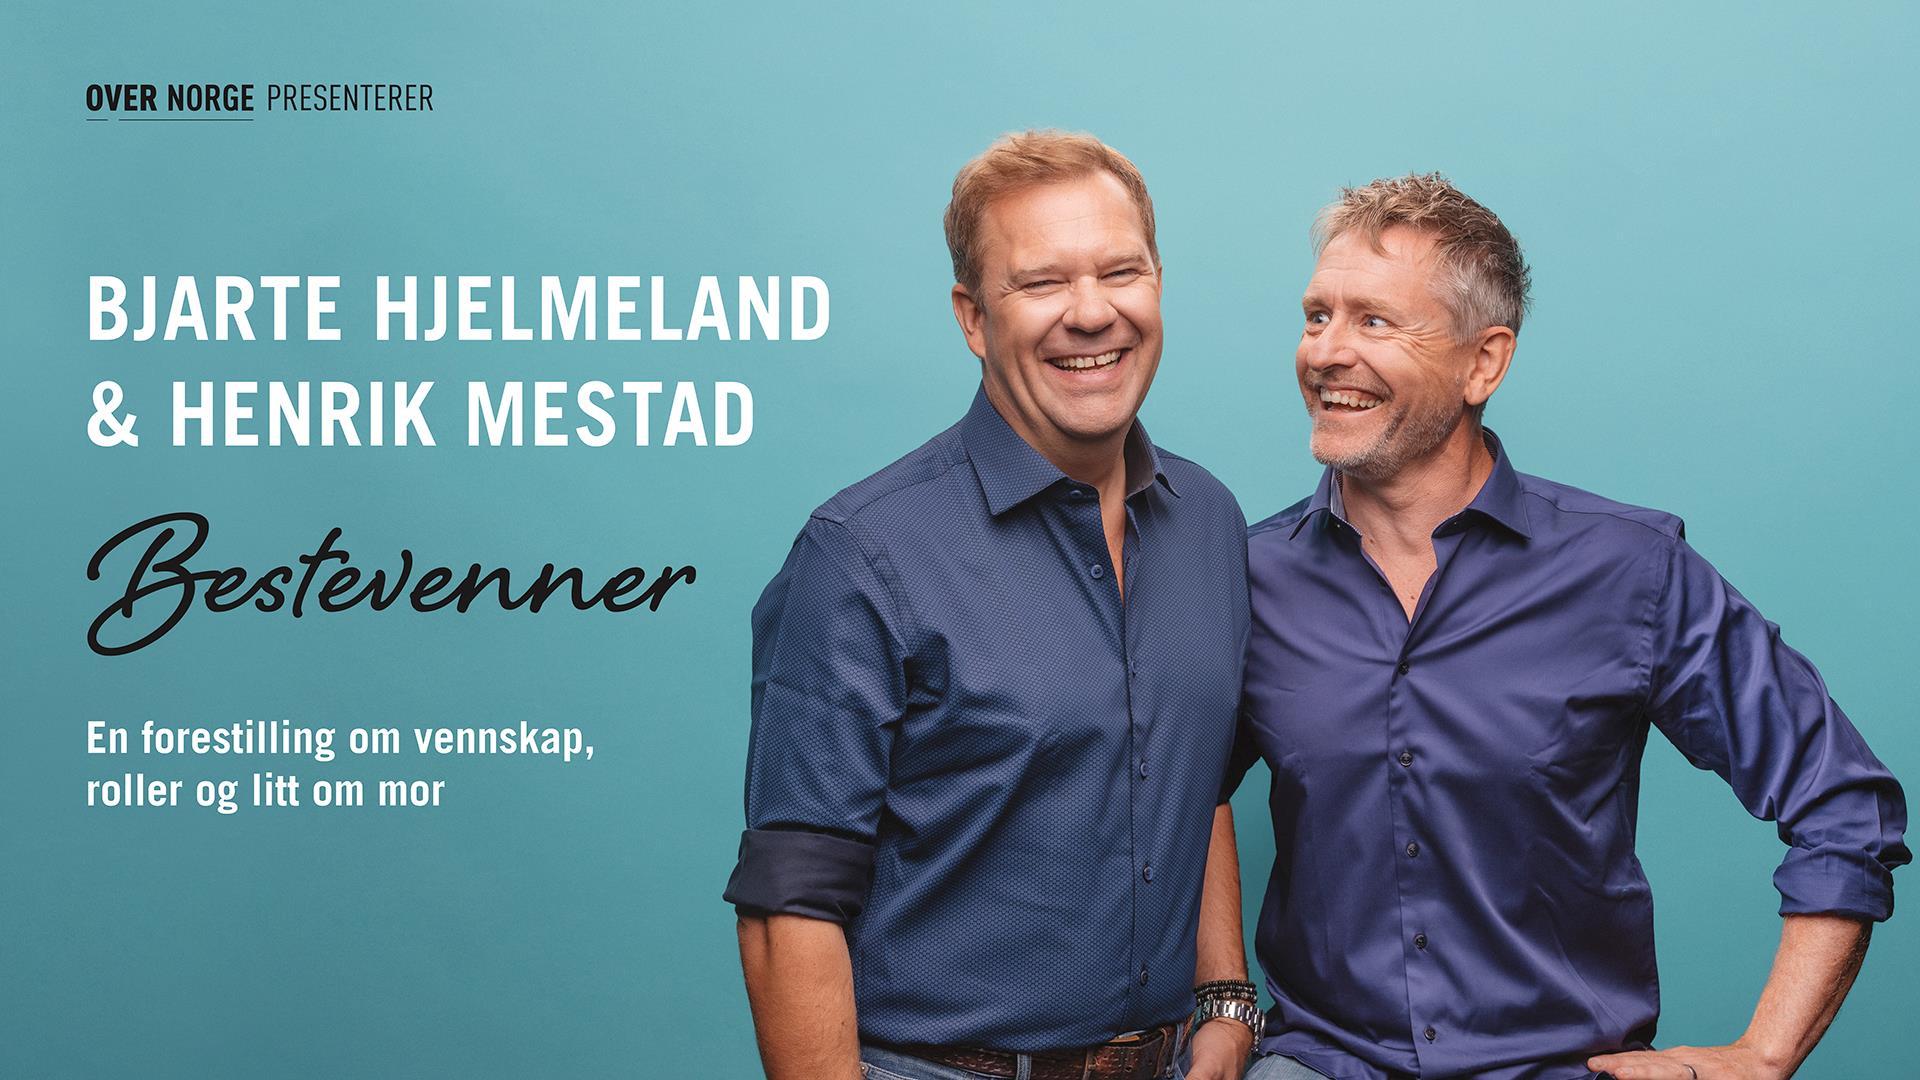 Bjarte Hjelmeland og Henrik Mestad